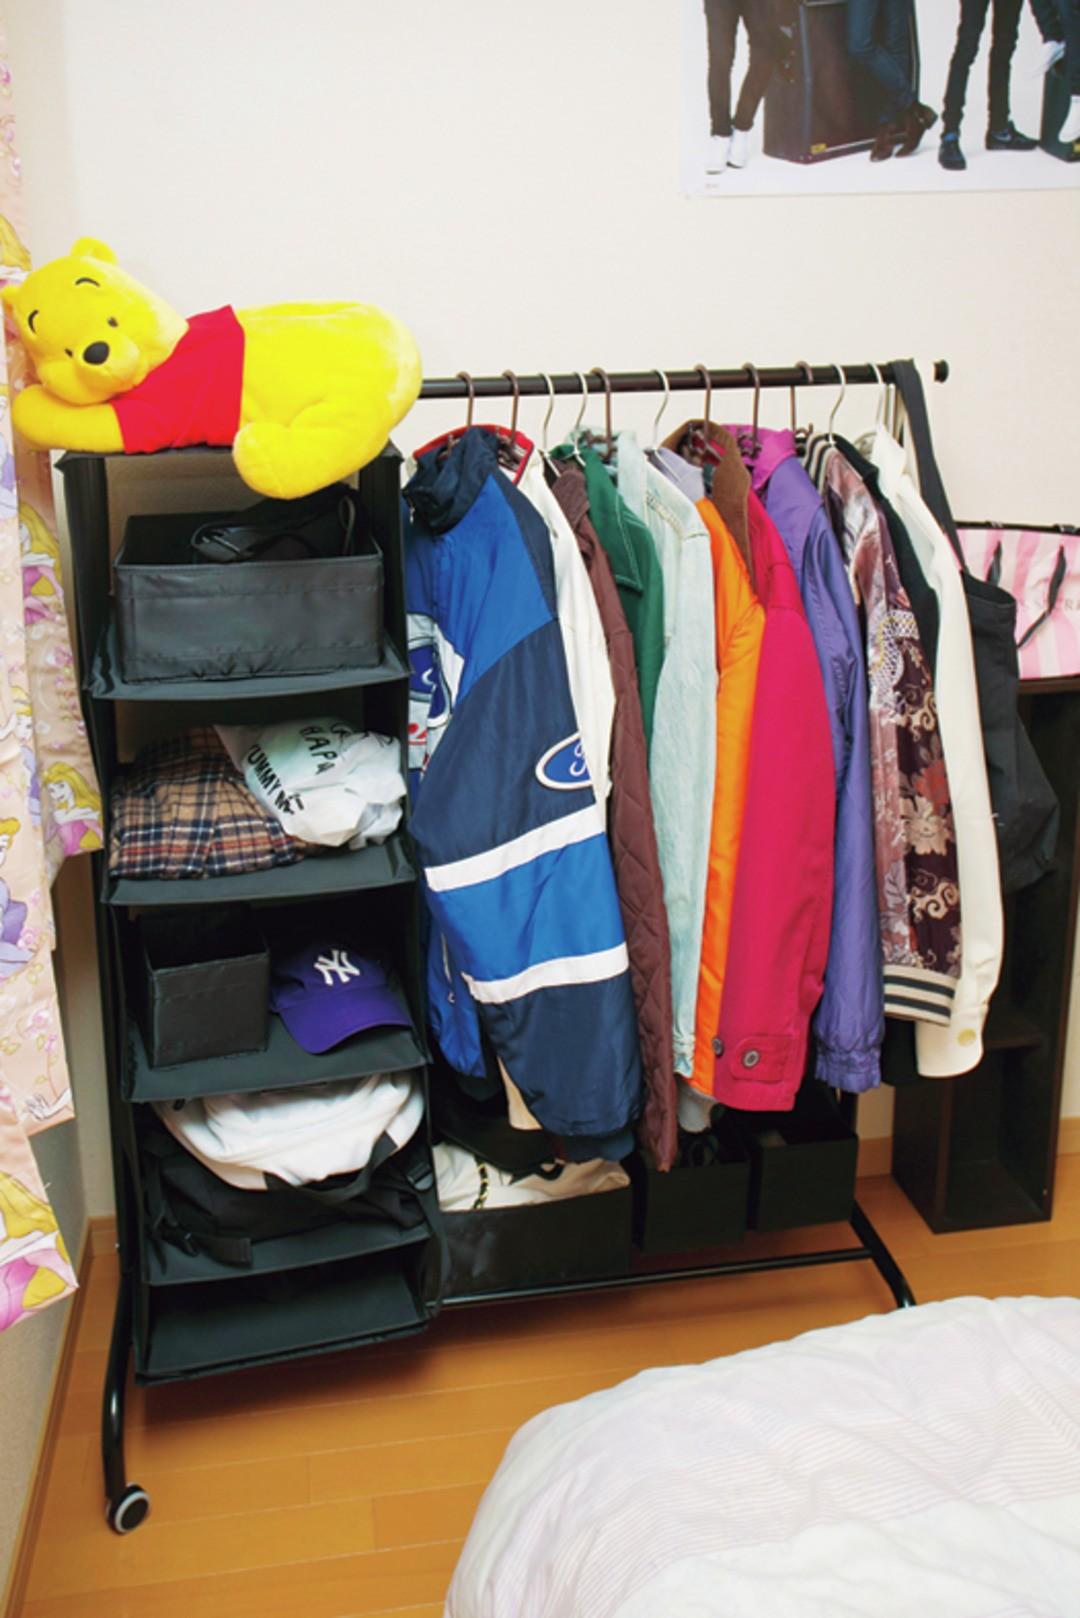 ♥『IKEA』のラックと収納ボックスでスッキリ収納!